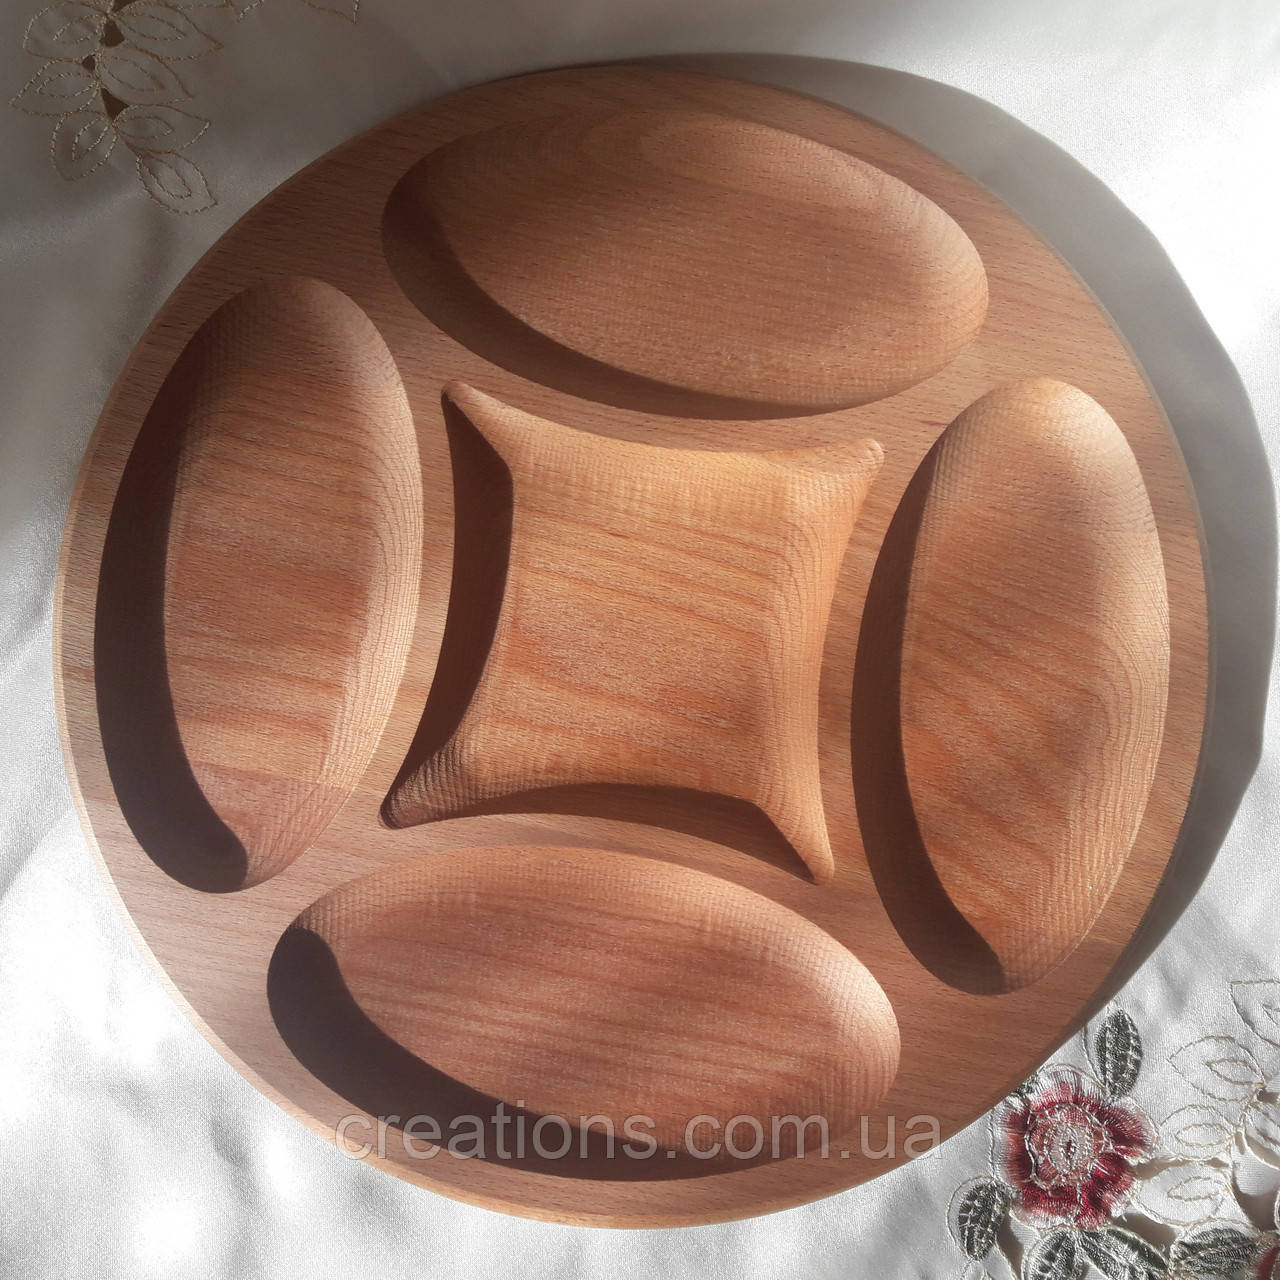 Менажница деревянная круглая 34 см. из бука на 5 делений, тарелка